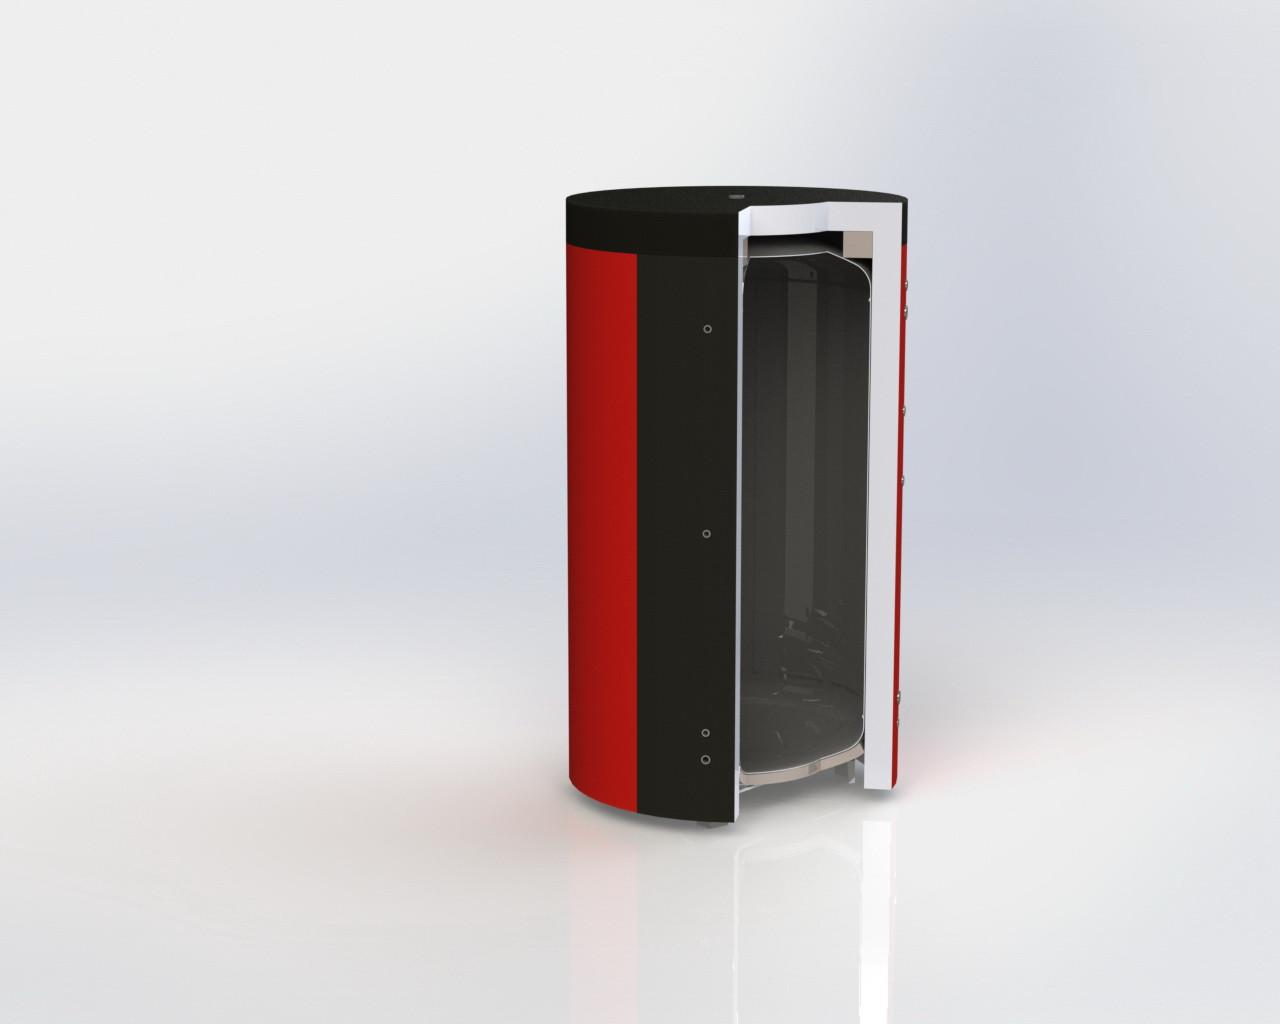 Теплоаккумулятор ЕА-00-10000 с изоляцией